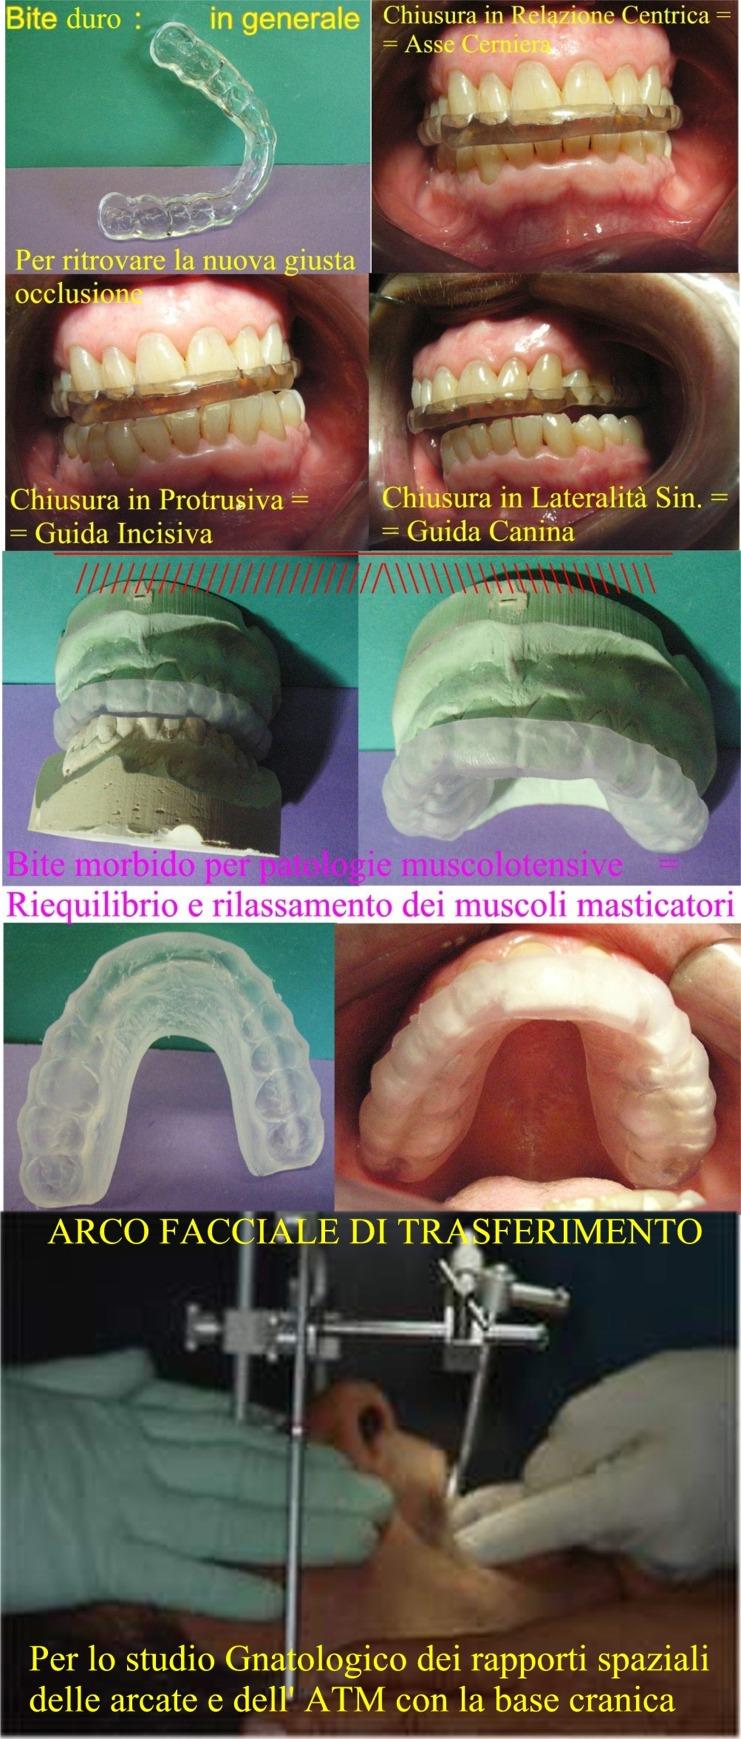 Vari tipi di Bite e in fondo Arco facciale durante una visita completa Gnatologica.Da casistica del Dr. Gustavo Petti Gnatologo in Cagliari